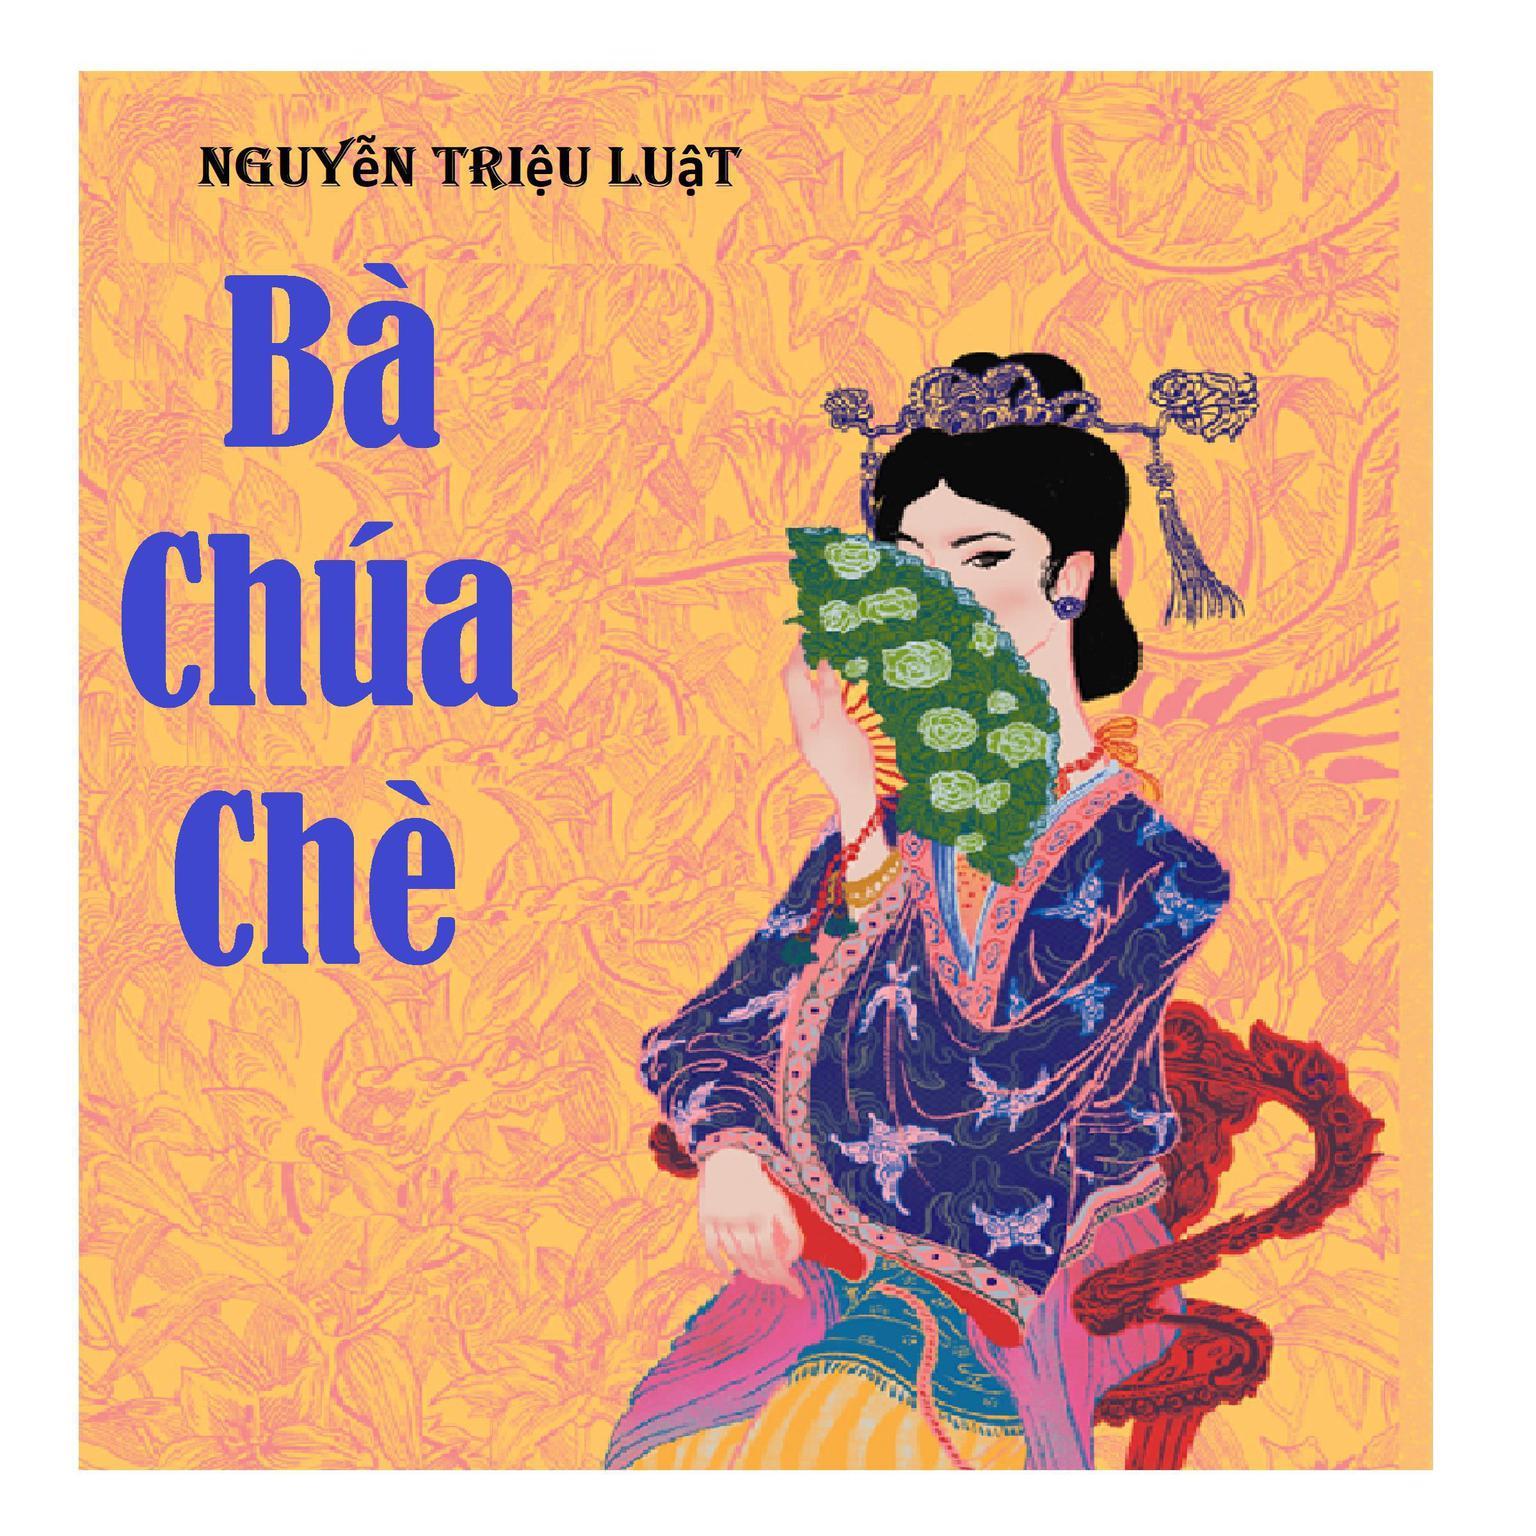 Bà Chúa Chè Audiobook, by Nguyen Trieu Luat